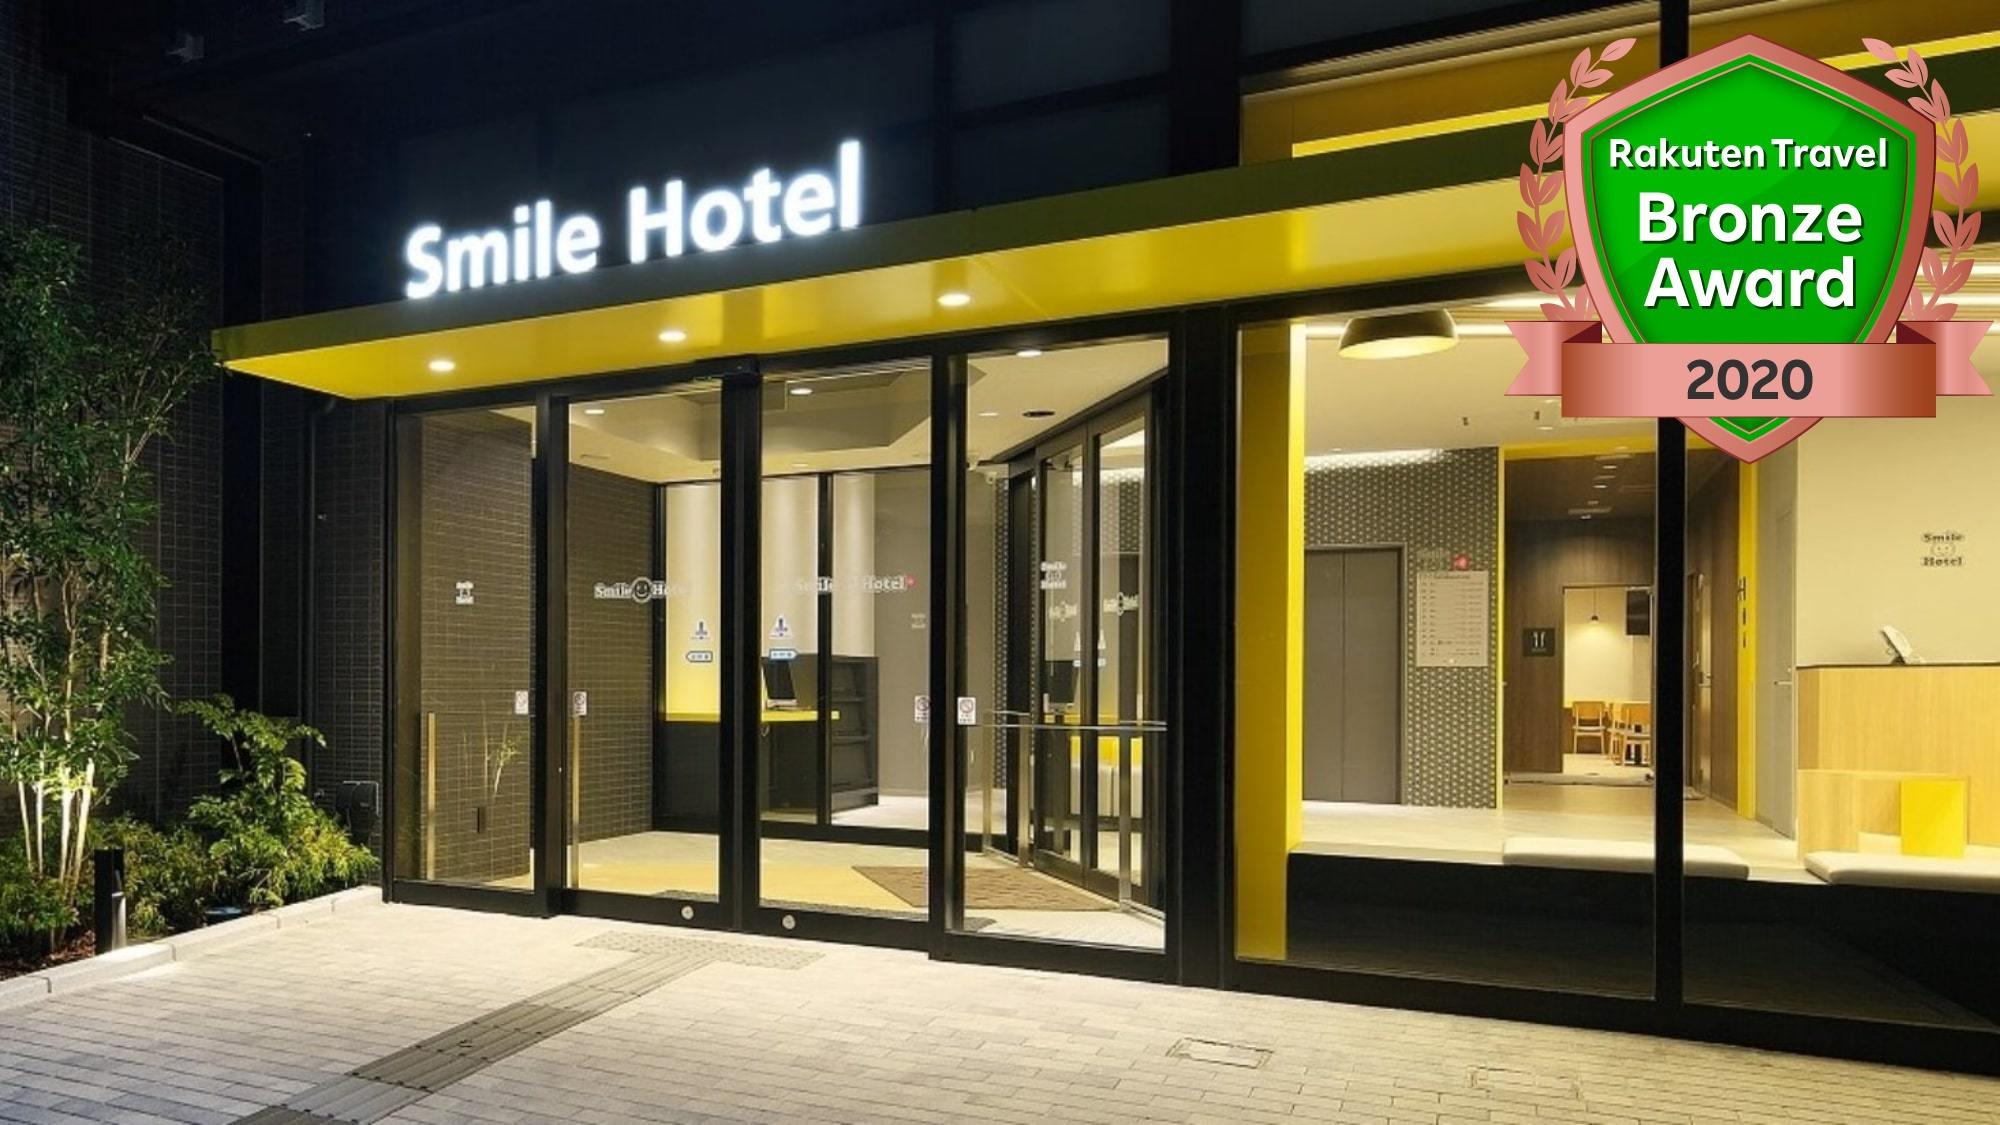 スマイルホテル宇都宮西口駅前の施設画像